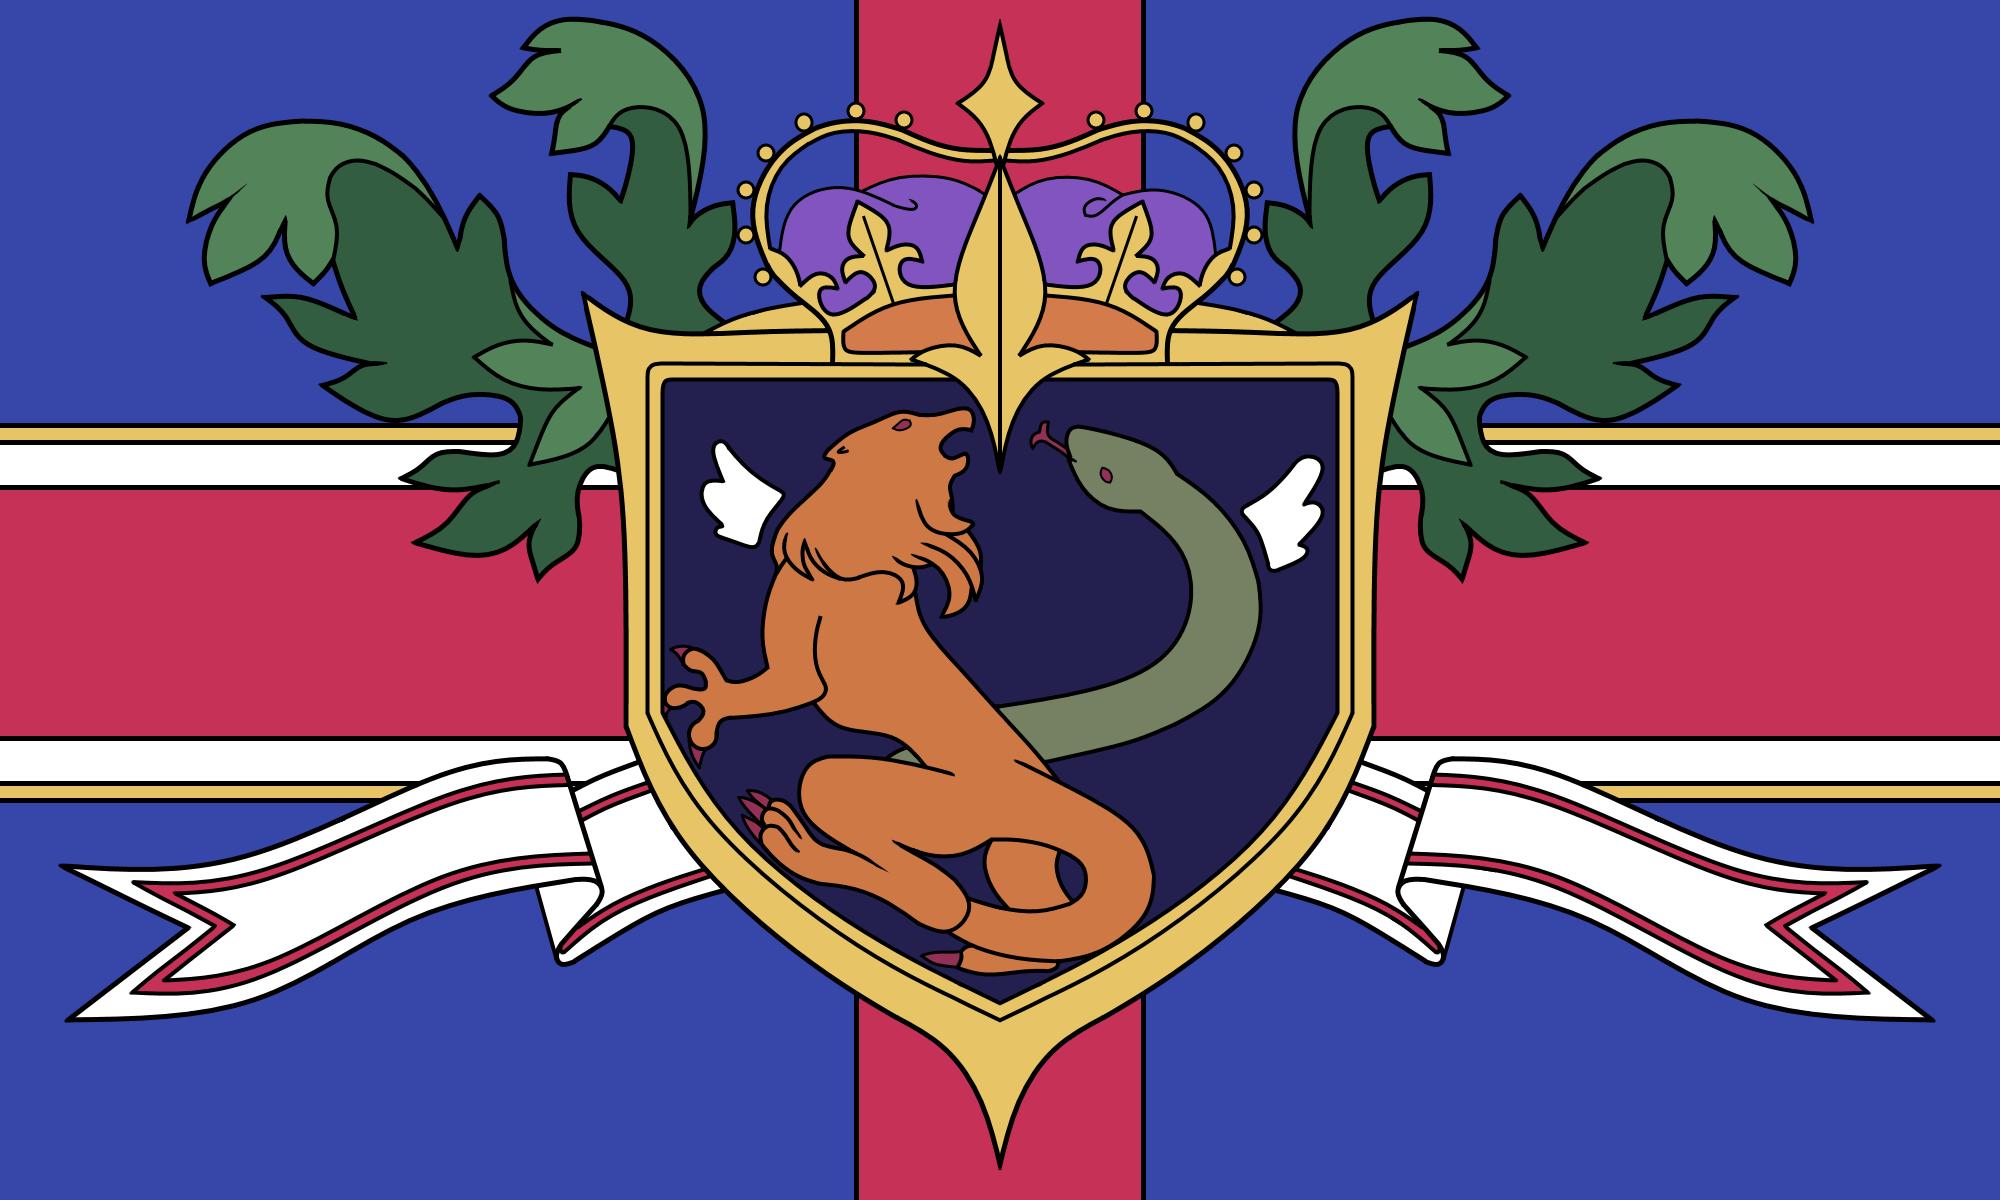 Principality of Britannia